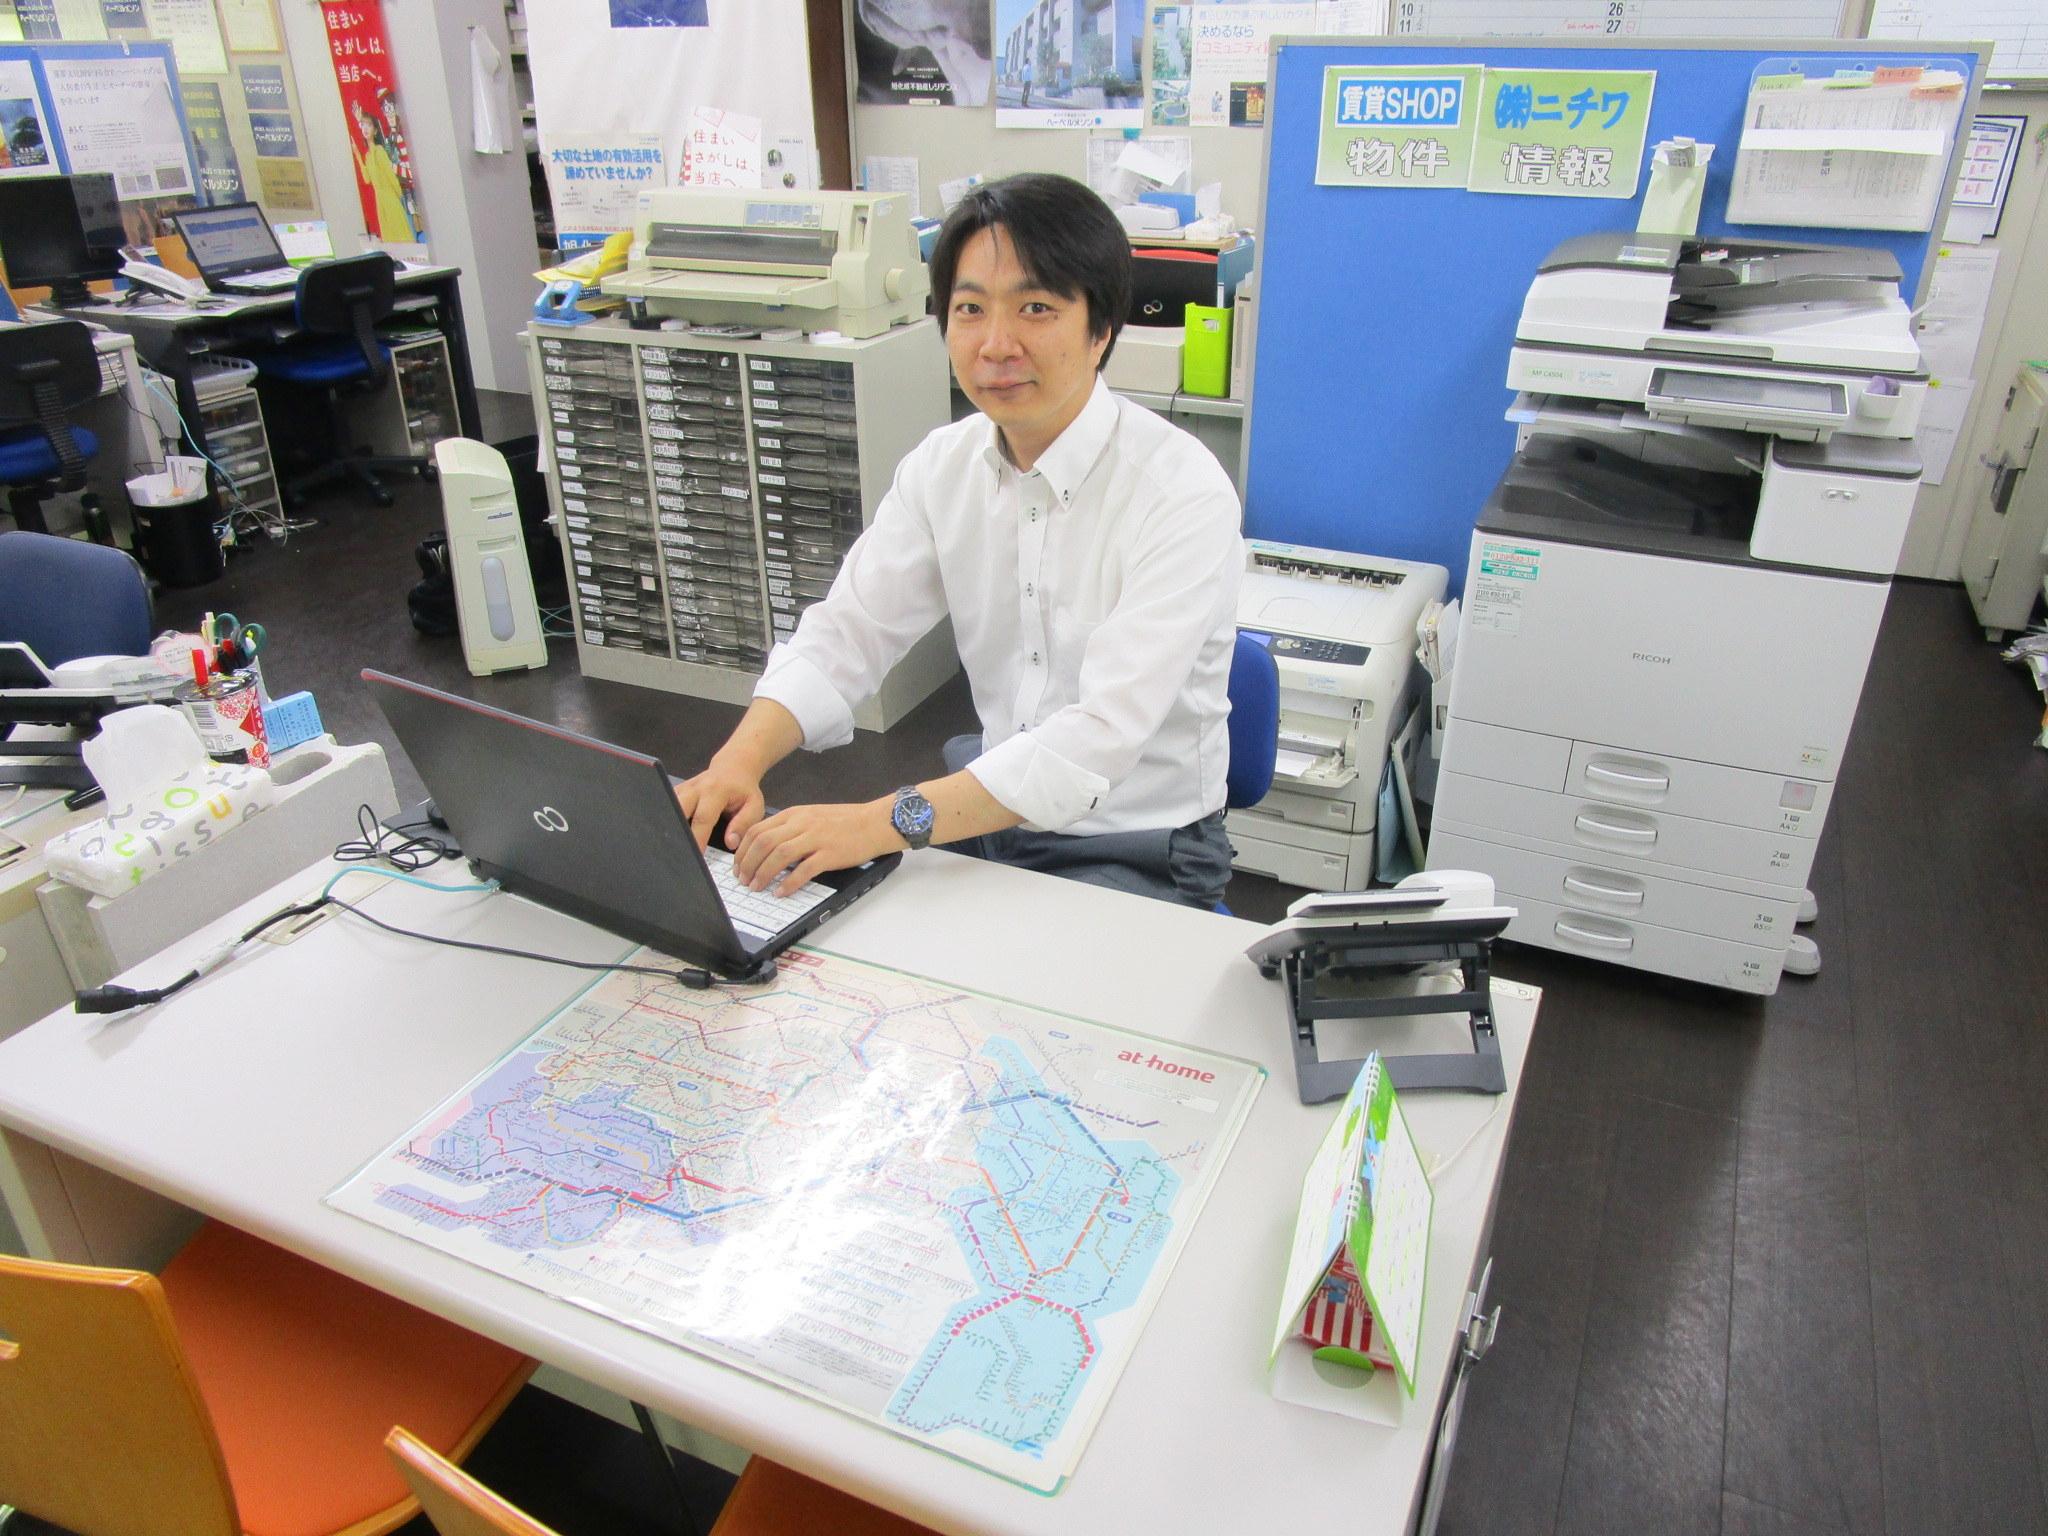 加藤 裕司の画像